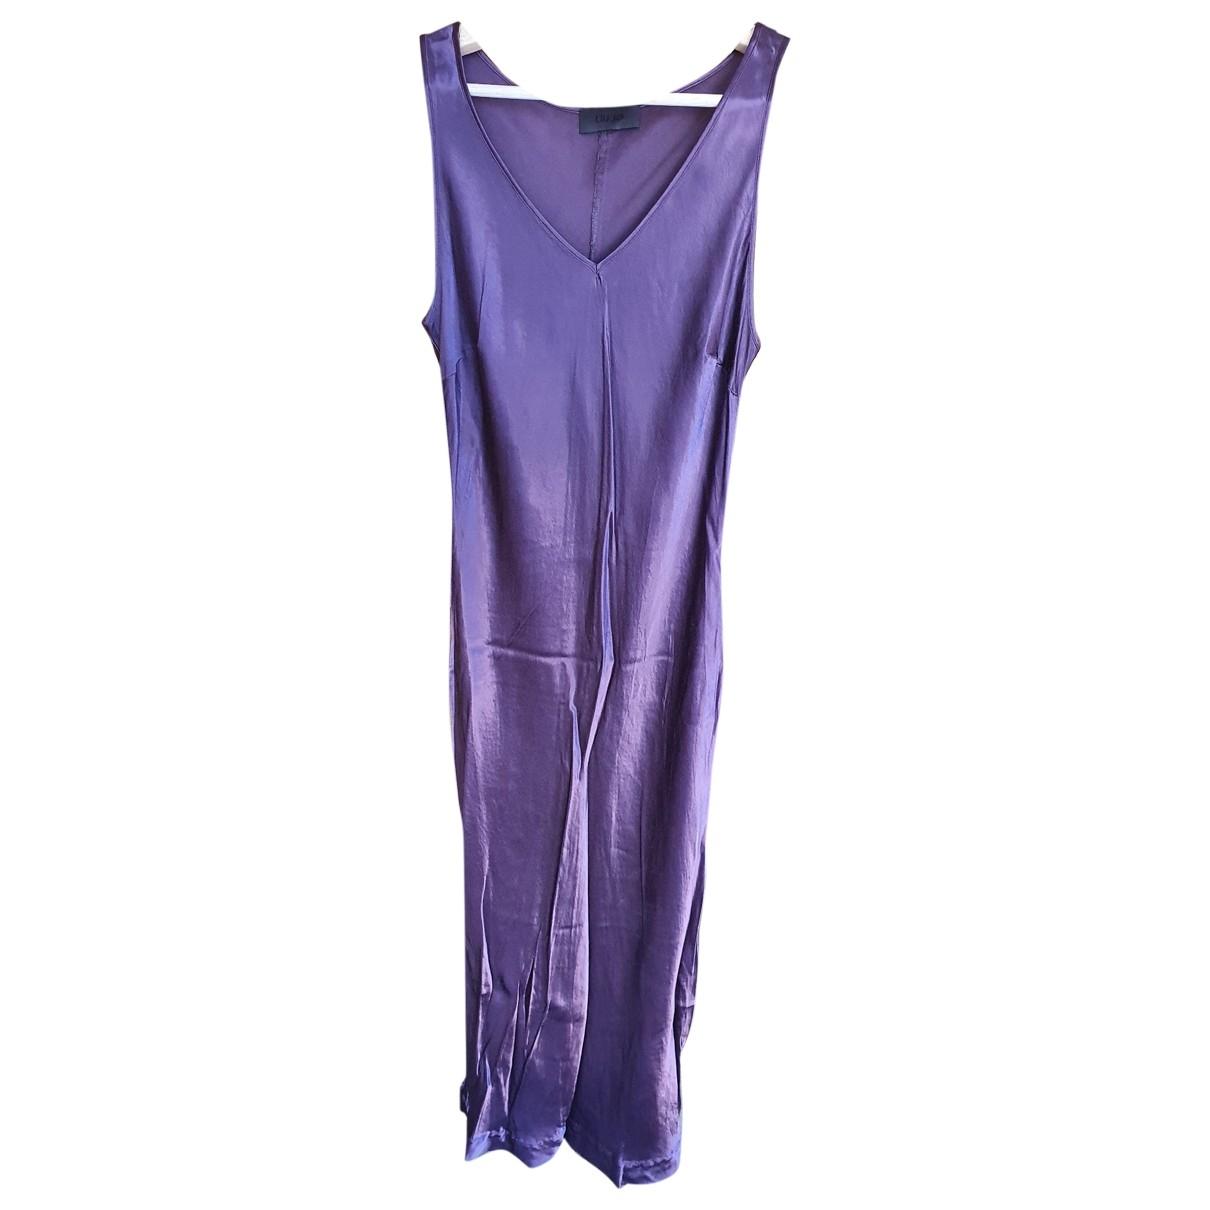 Liu.jo \N Kleid in  Lila Wolle